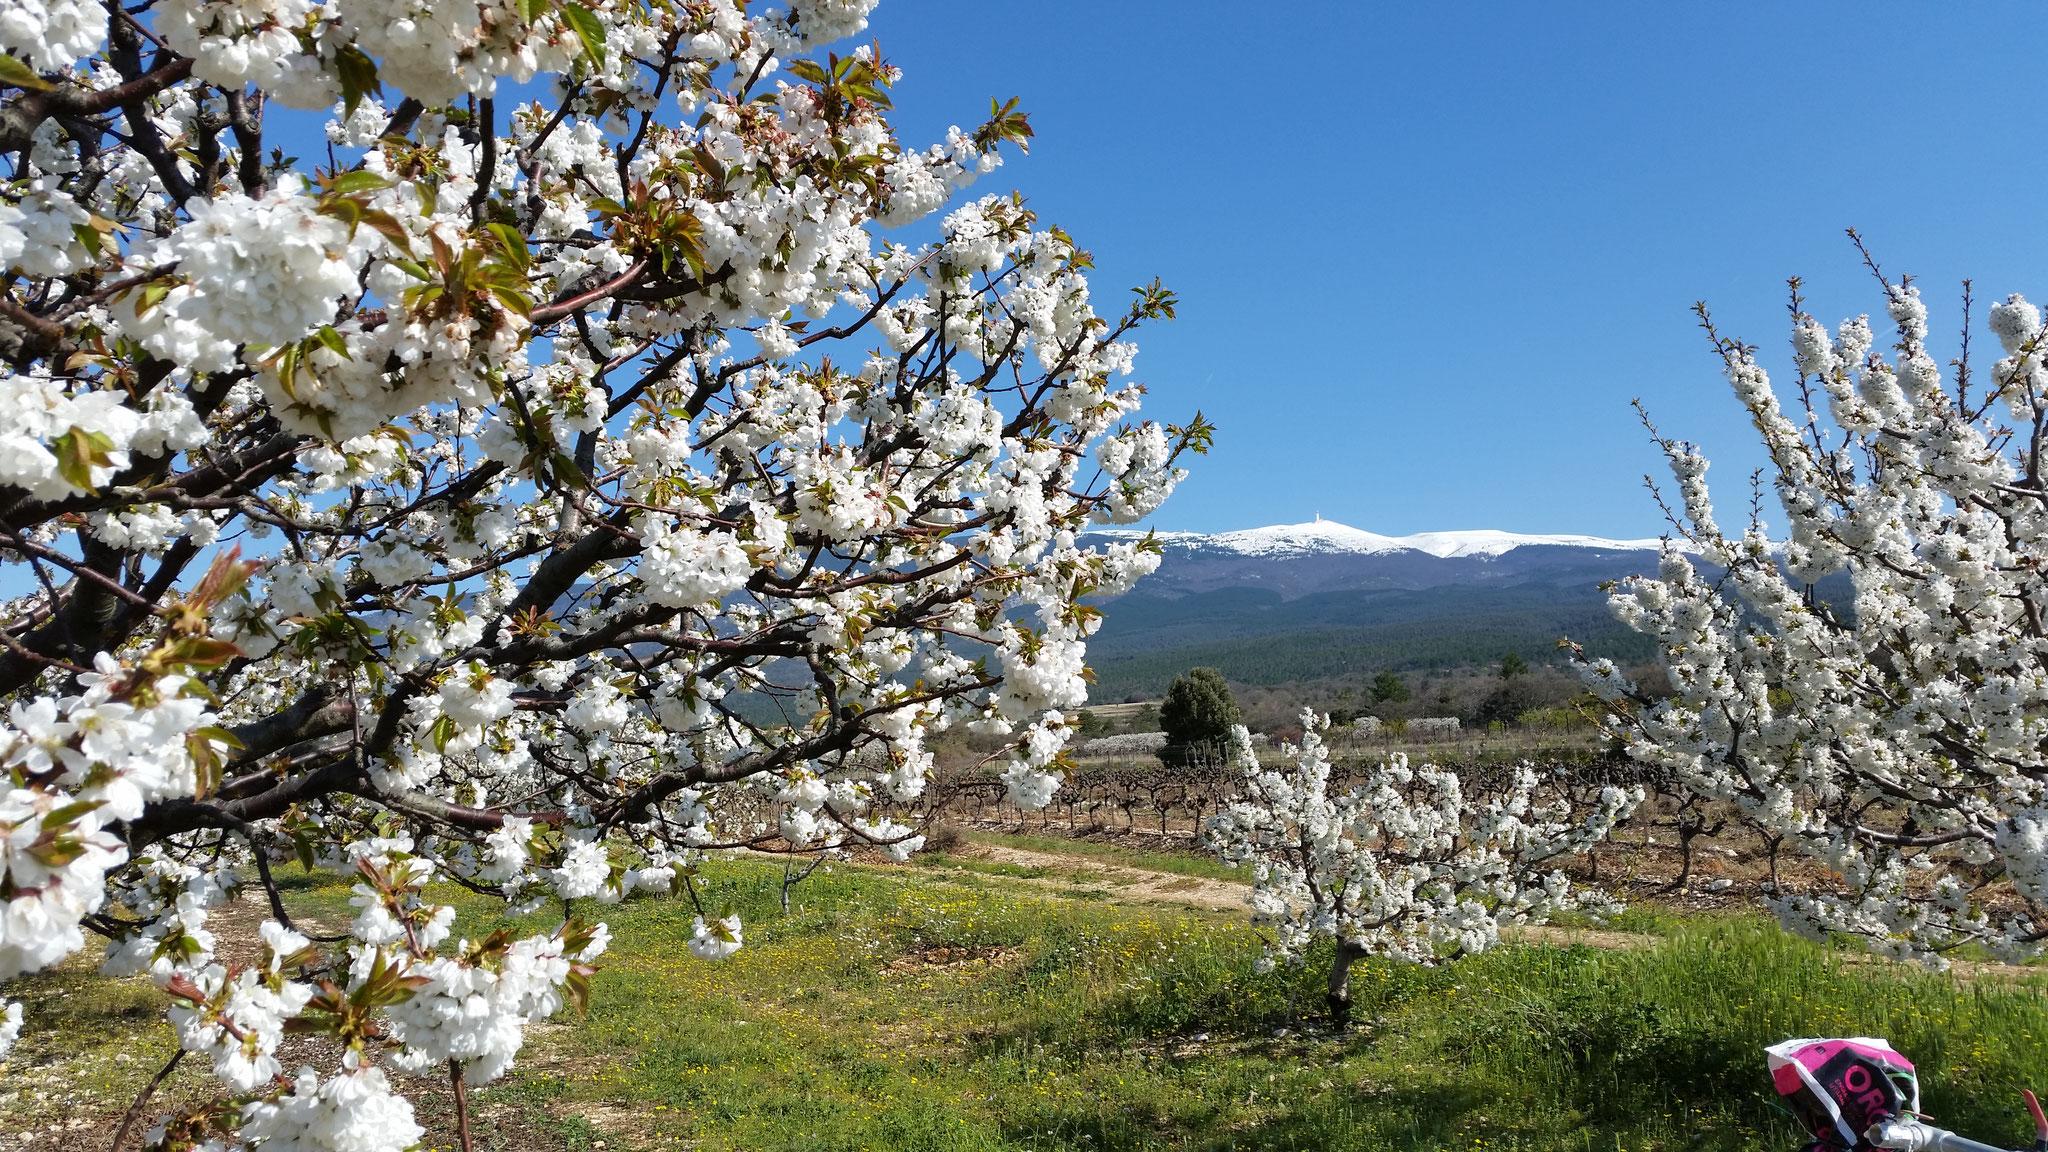 loucardaline-bedoin-ventoux-chambre d hotes-gite-cerisier en fleur-vaucluse